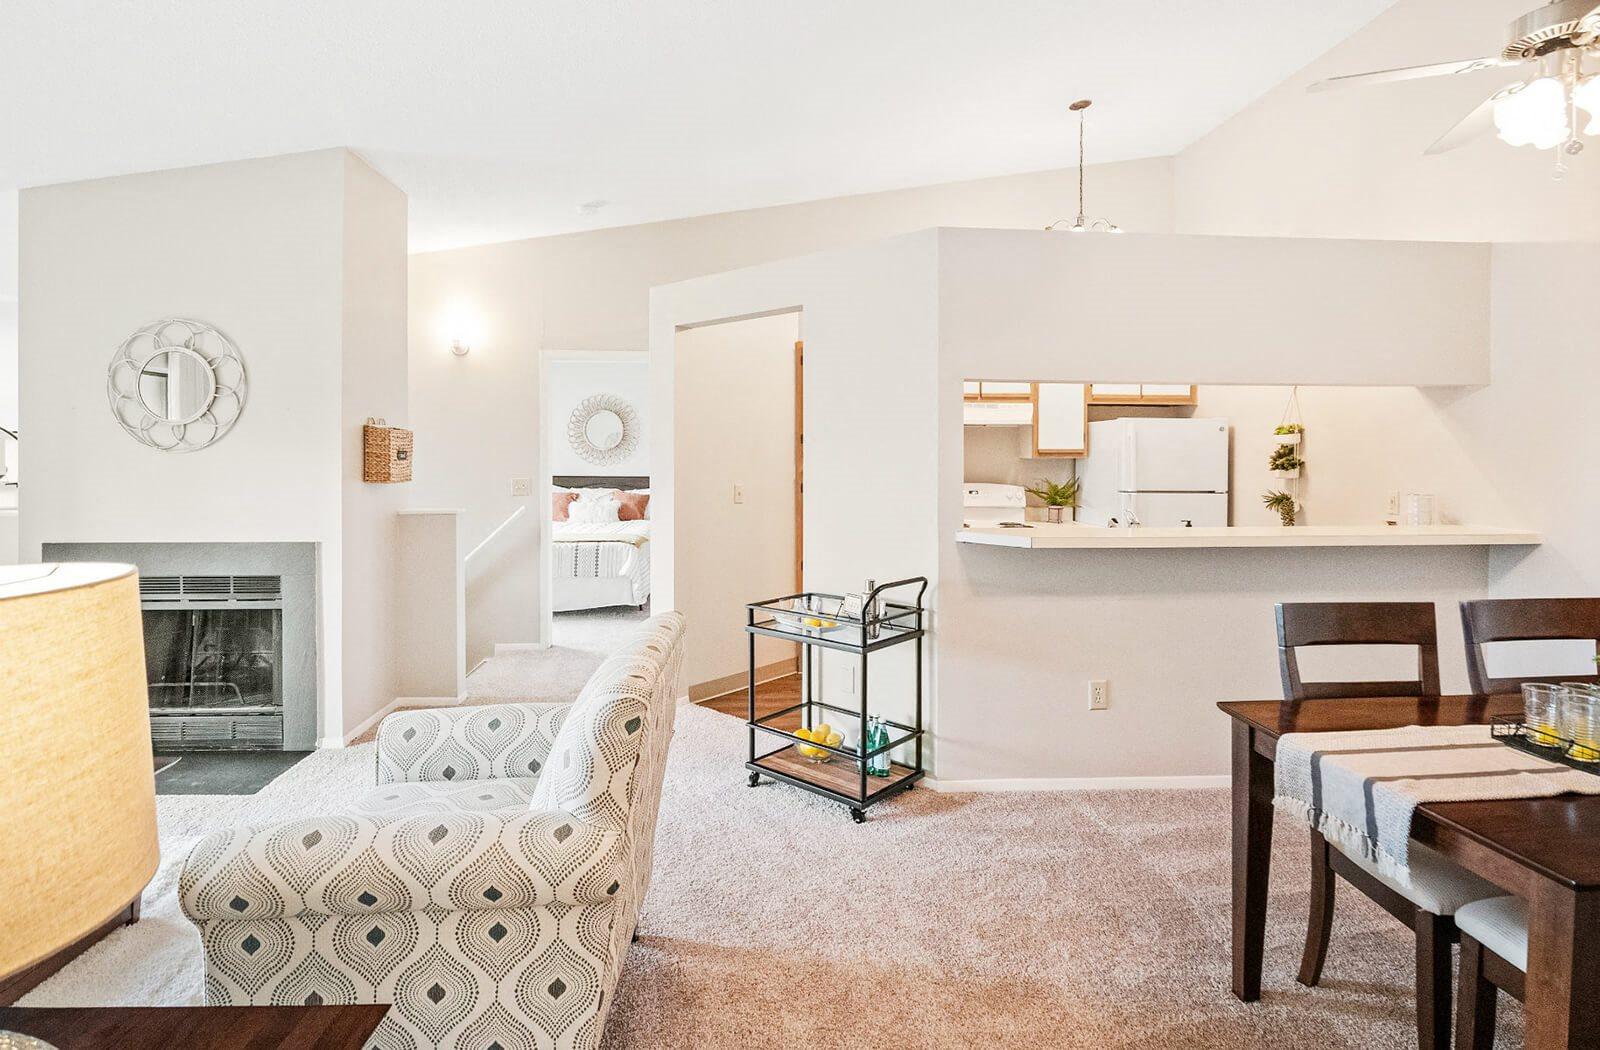 Apartment in Clarkston, MI